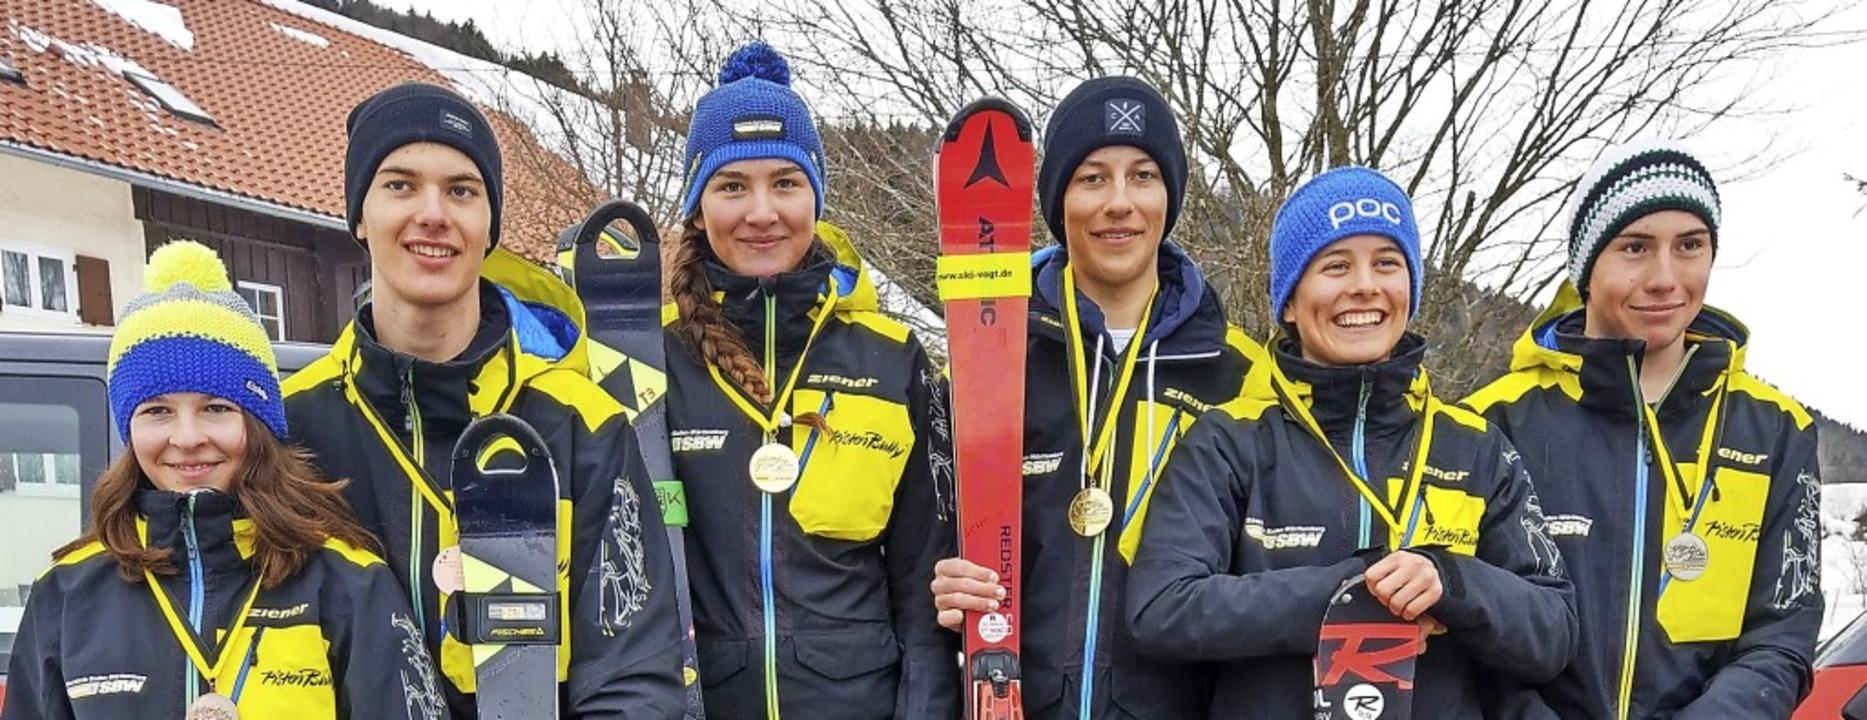 Beim Slalom auf dem Podest (von links)...s Schoch, Ronja Wiesler und Ayk Irmen   | Foto: siegmund